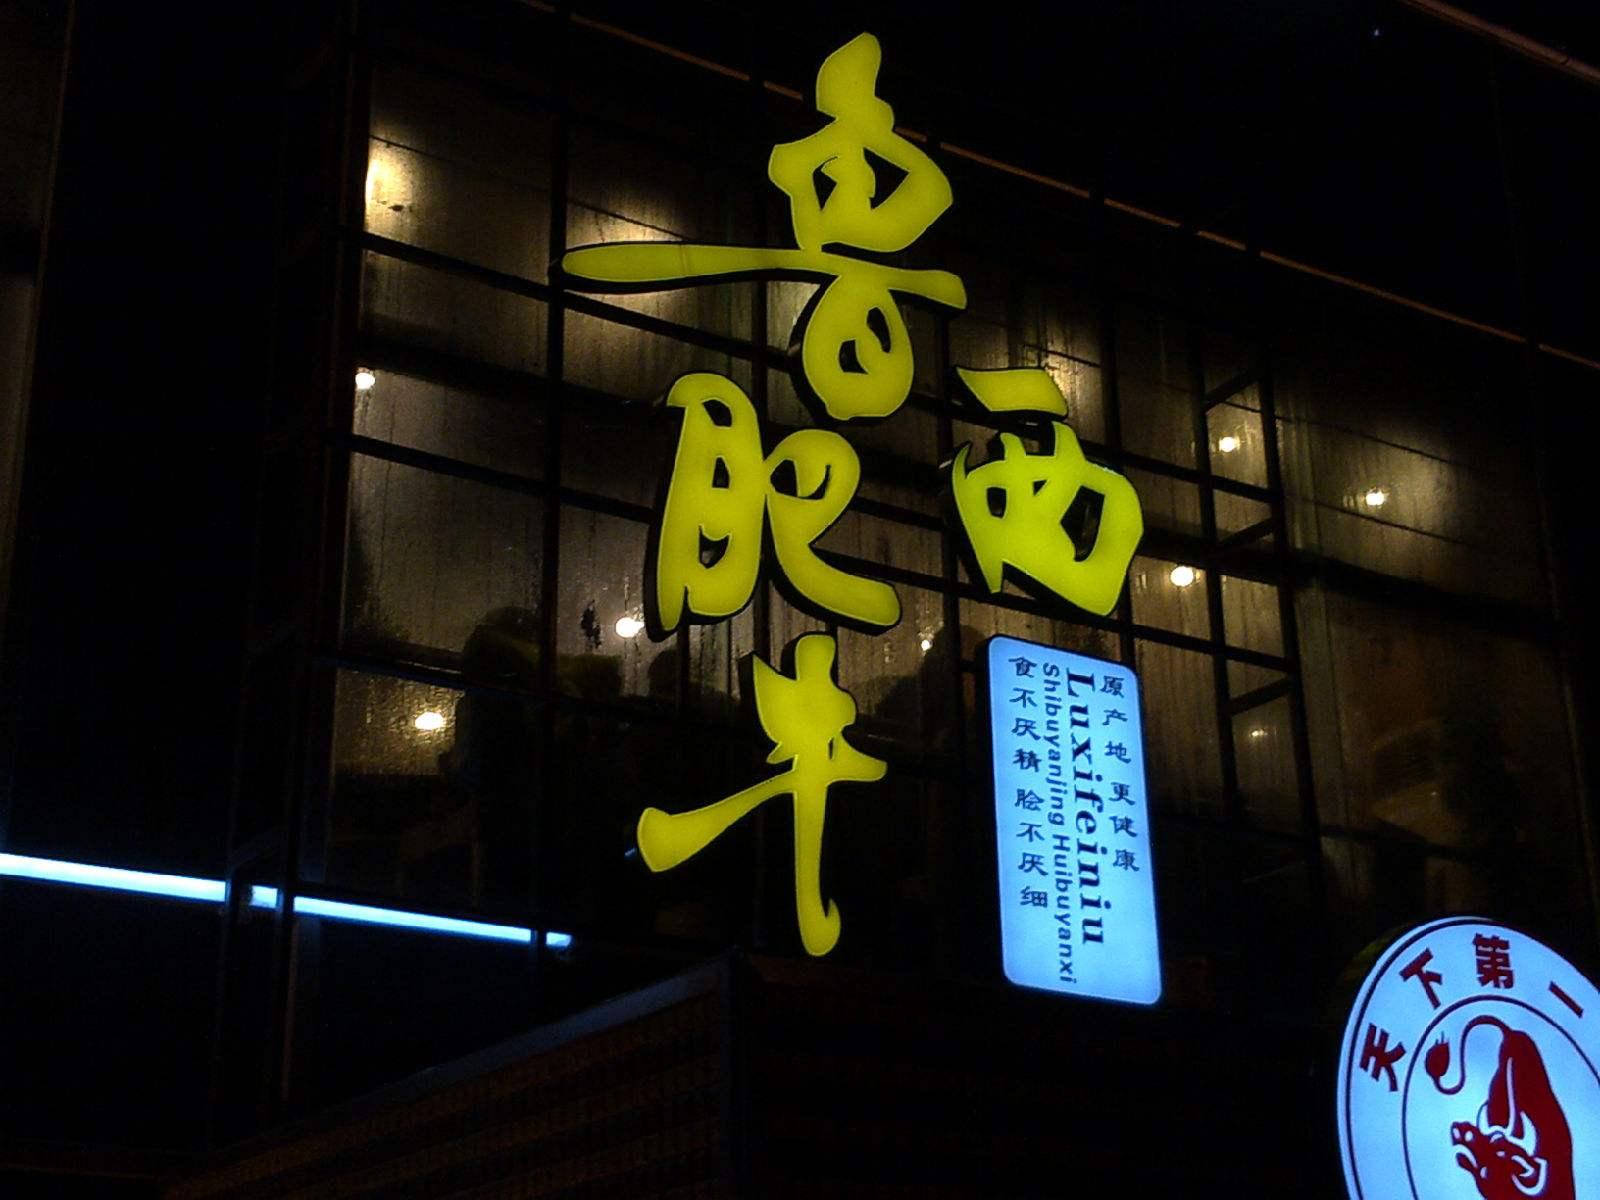 加盟重庆牛肉火锅的优势!插图